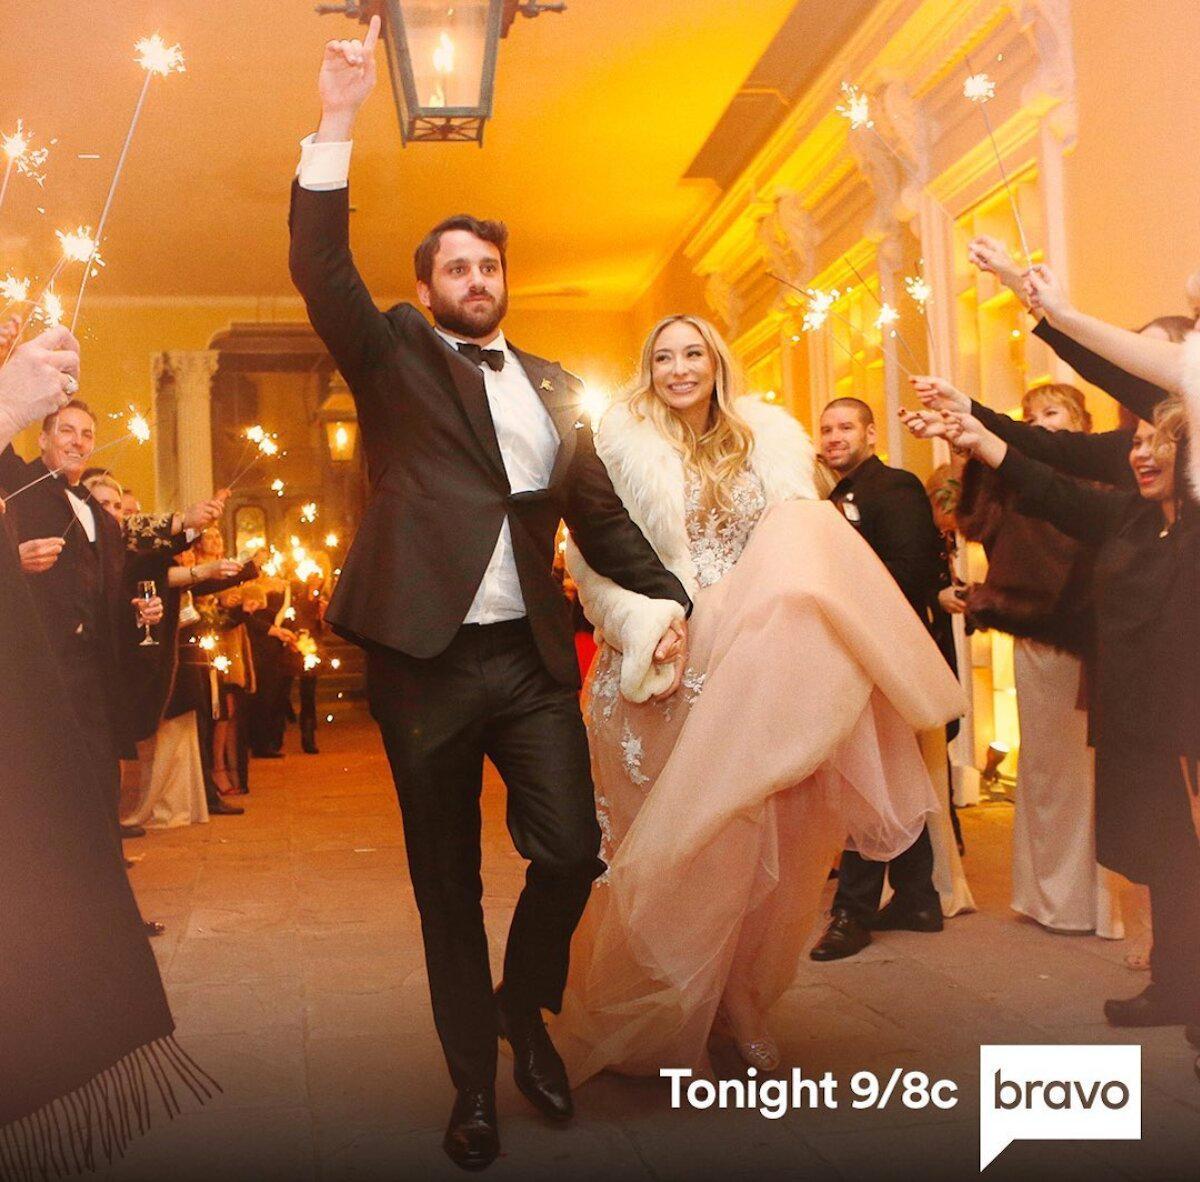 reagan-charleston-wedding-1559925422860.jpg